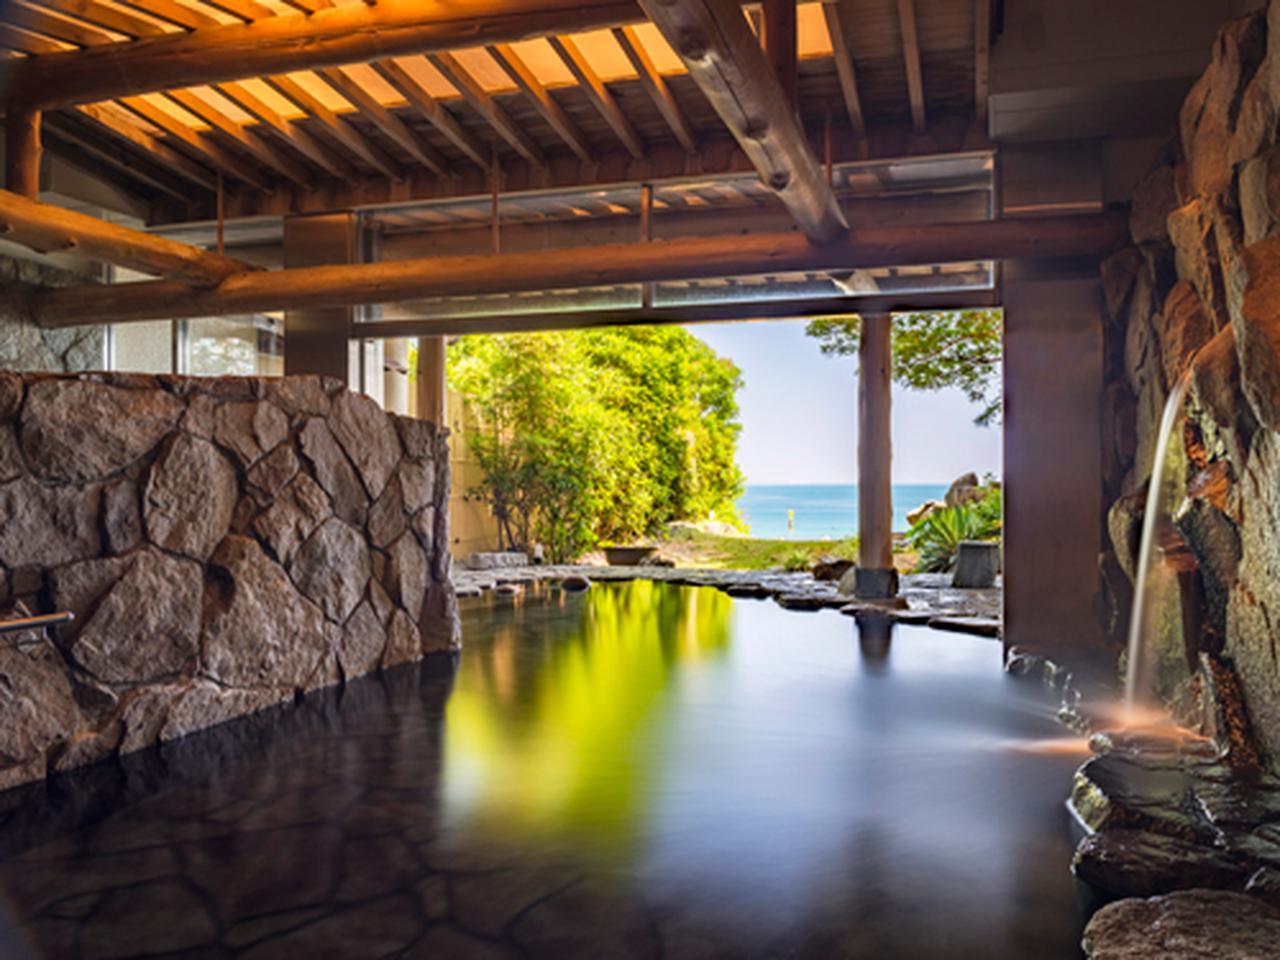 画像3: 旅するほどに、心も体も健やかに。徳島のリゾートホテルで過ごす「ウェルネス旅」